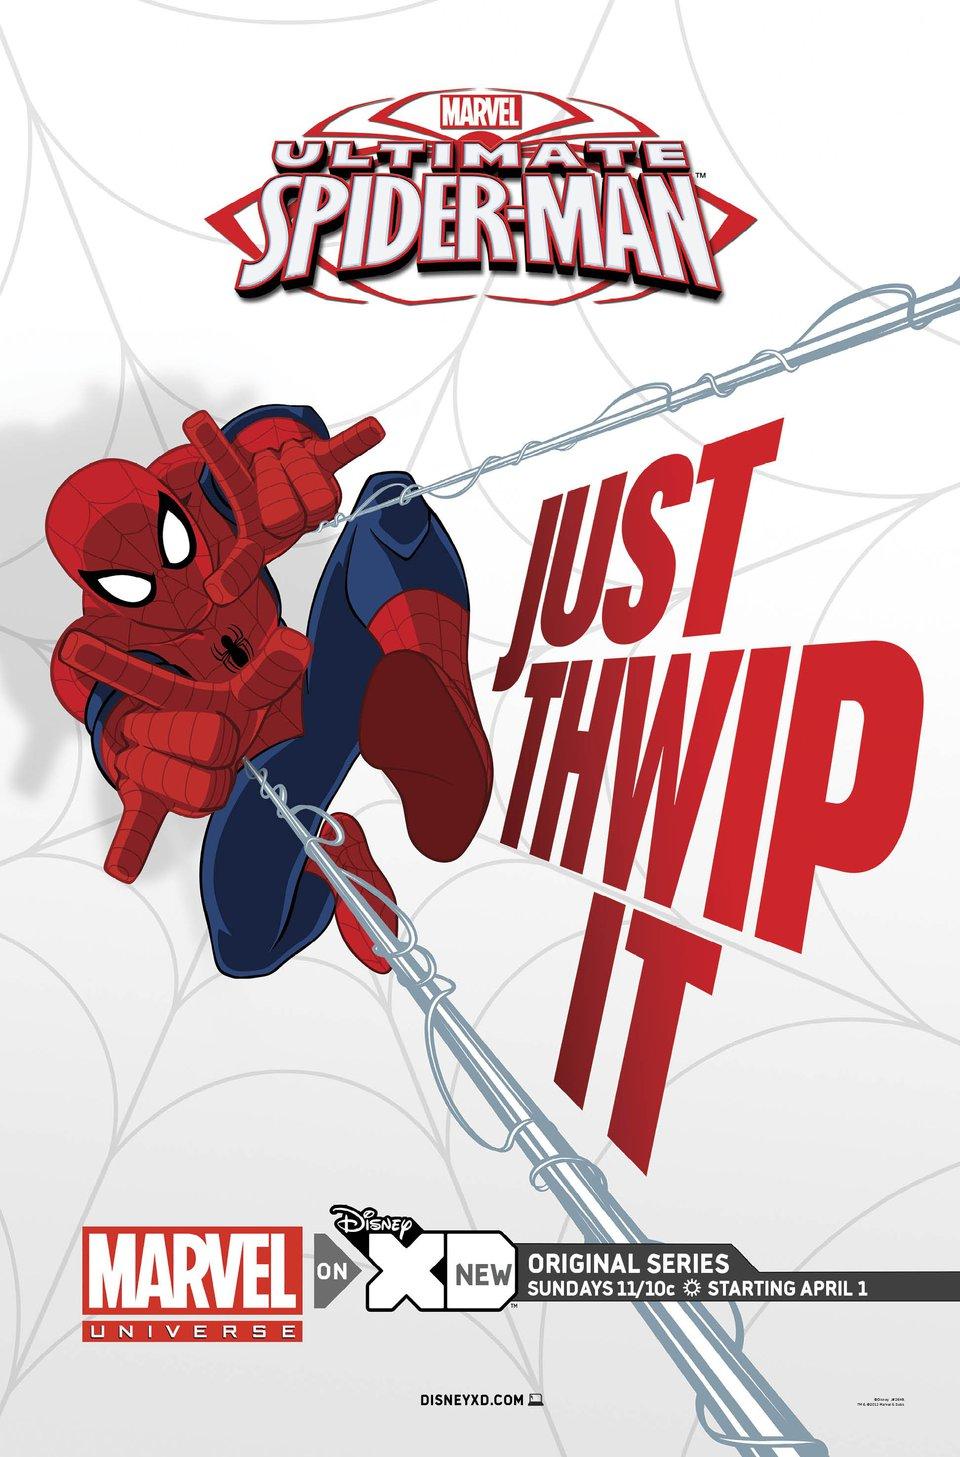 смотреть все серии великий человек паук все серии